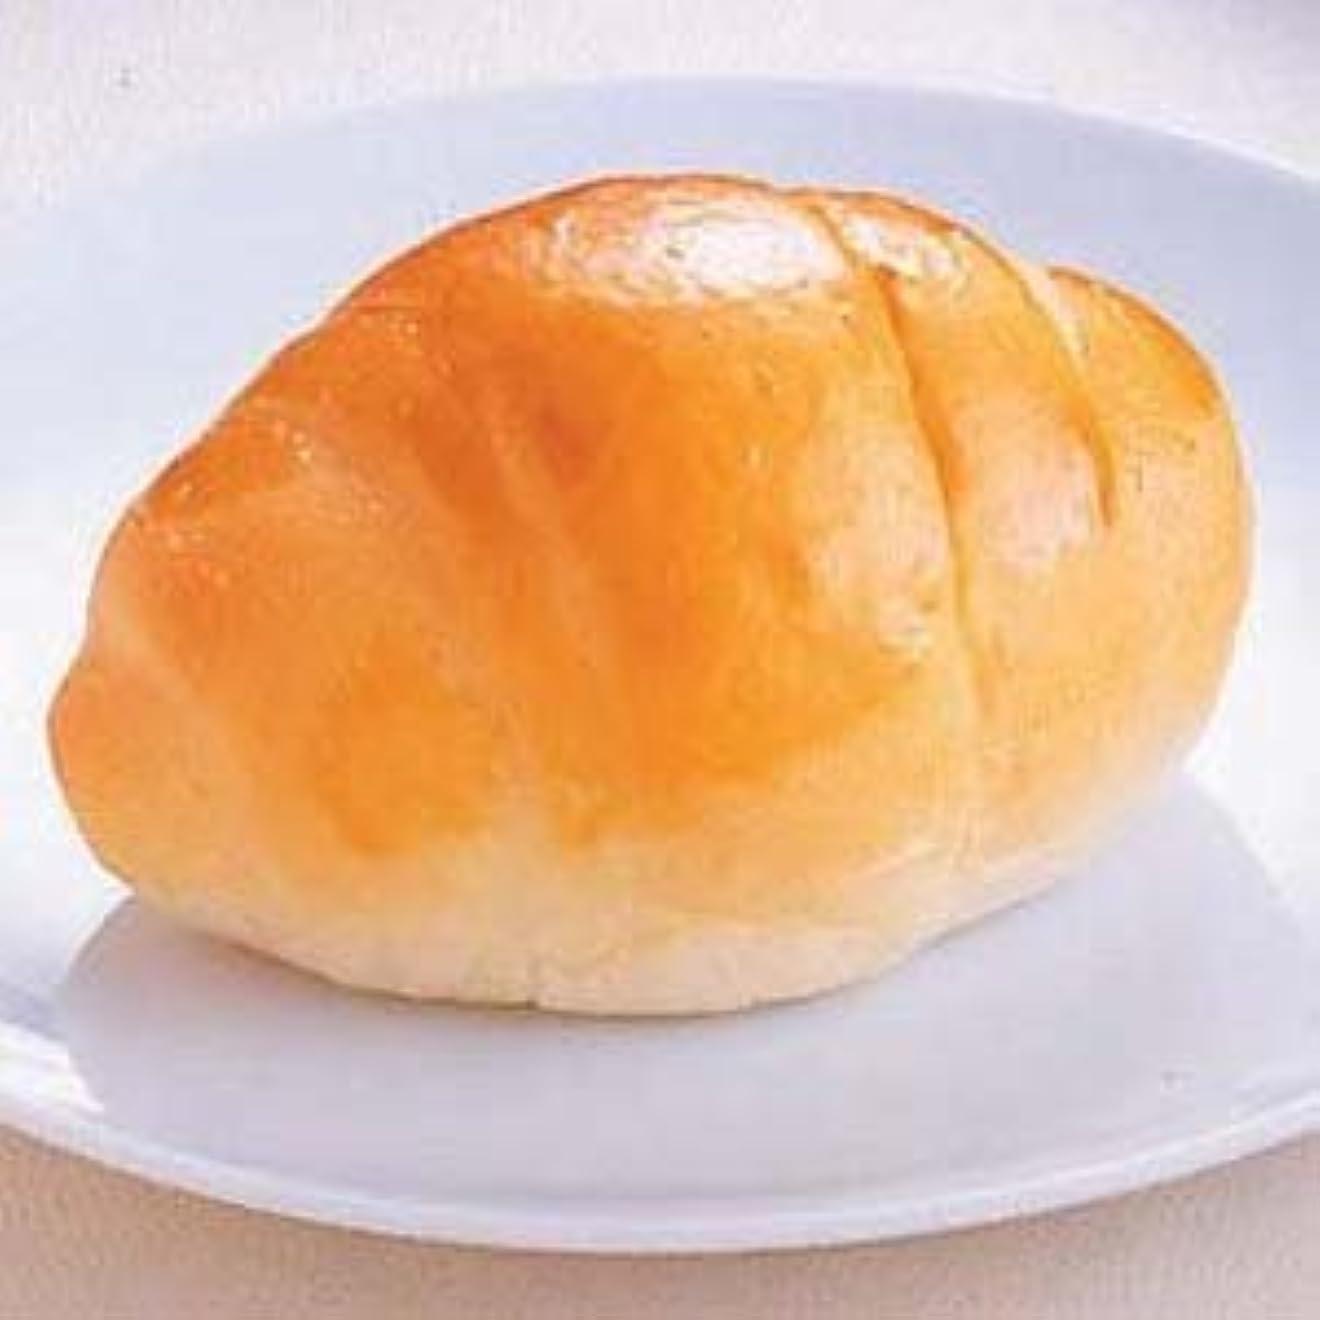 合理的パネル蒸し器バターロール 6ヶ 便利な冷凍できるパン【冷凍パン】【朝食】(nh130097)